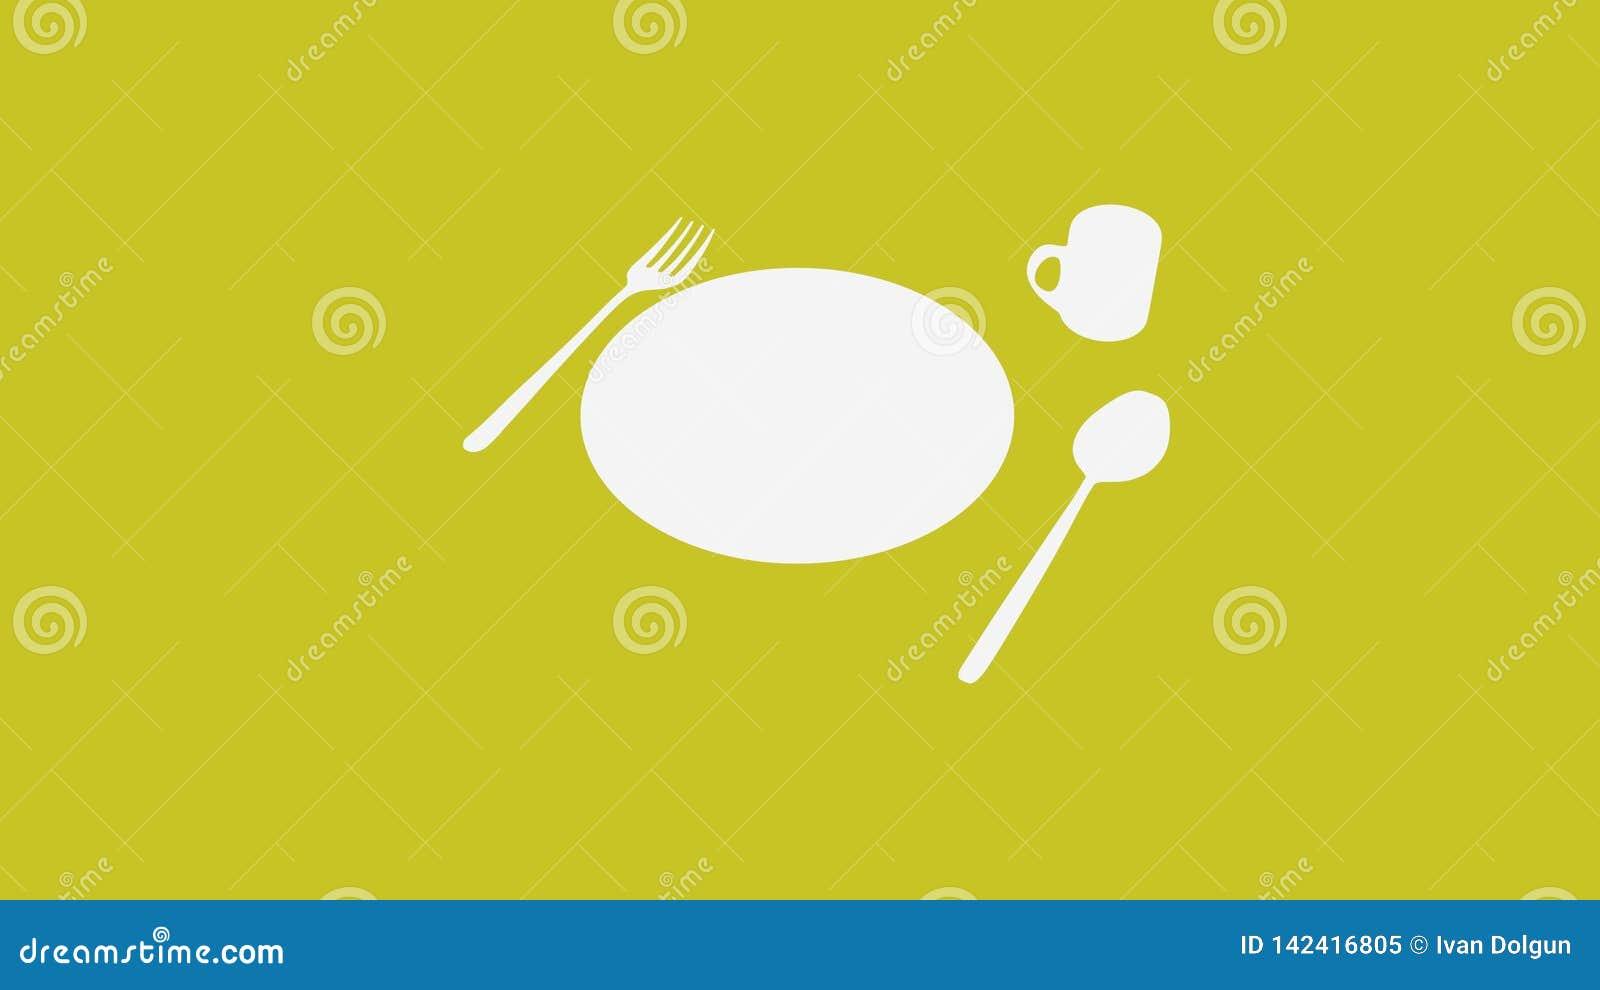 Łyżka, rozwidlenie, talerz i filiżanka na ciemnym kolorze żółtym